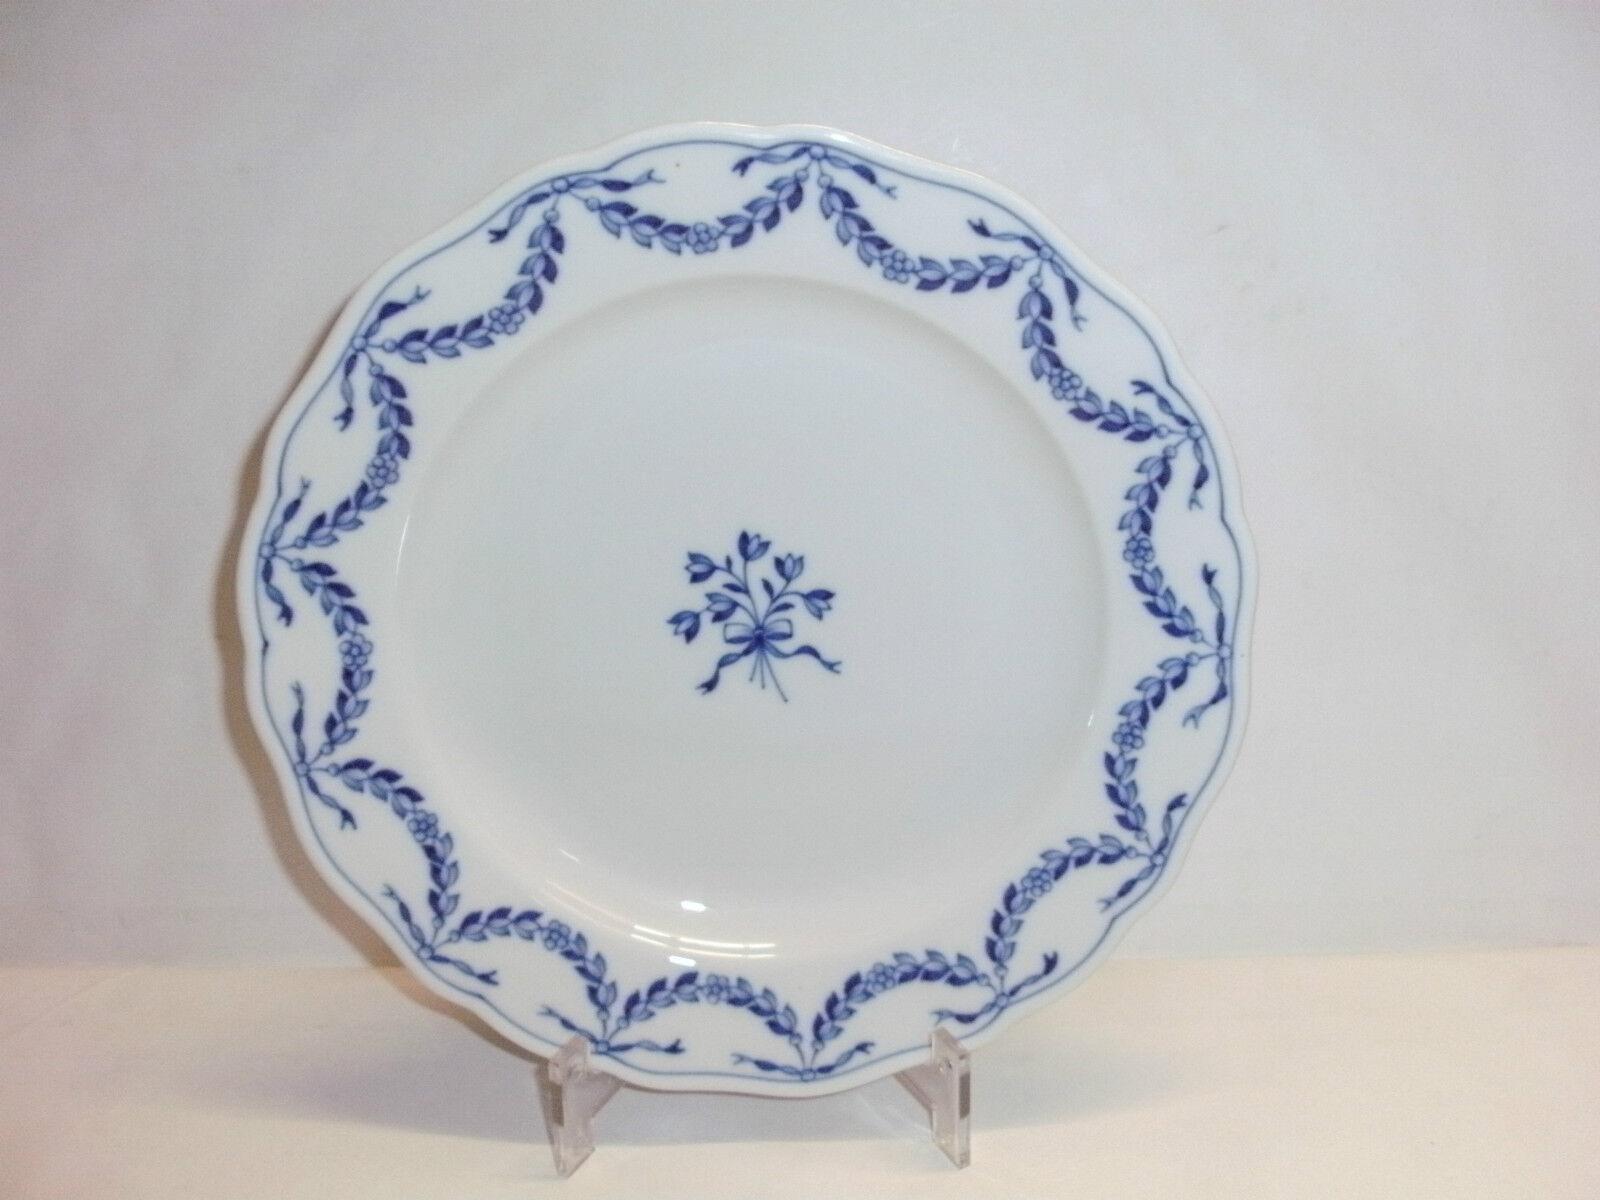 Meissen Lorbeerfestonmalerei kobaltblau 825301 Teller 472 Ø 20 20 20 cm bd1b4c